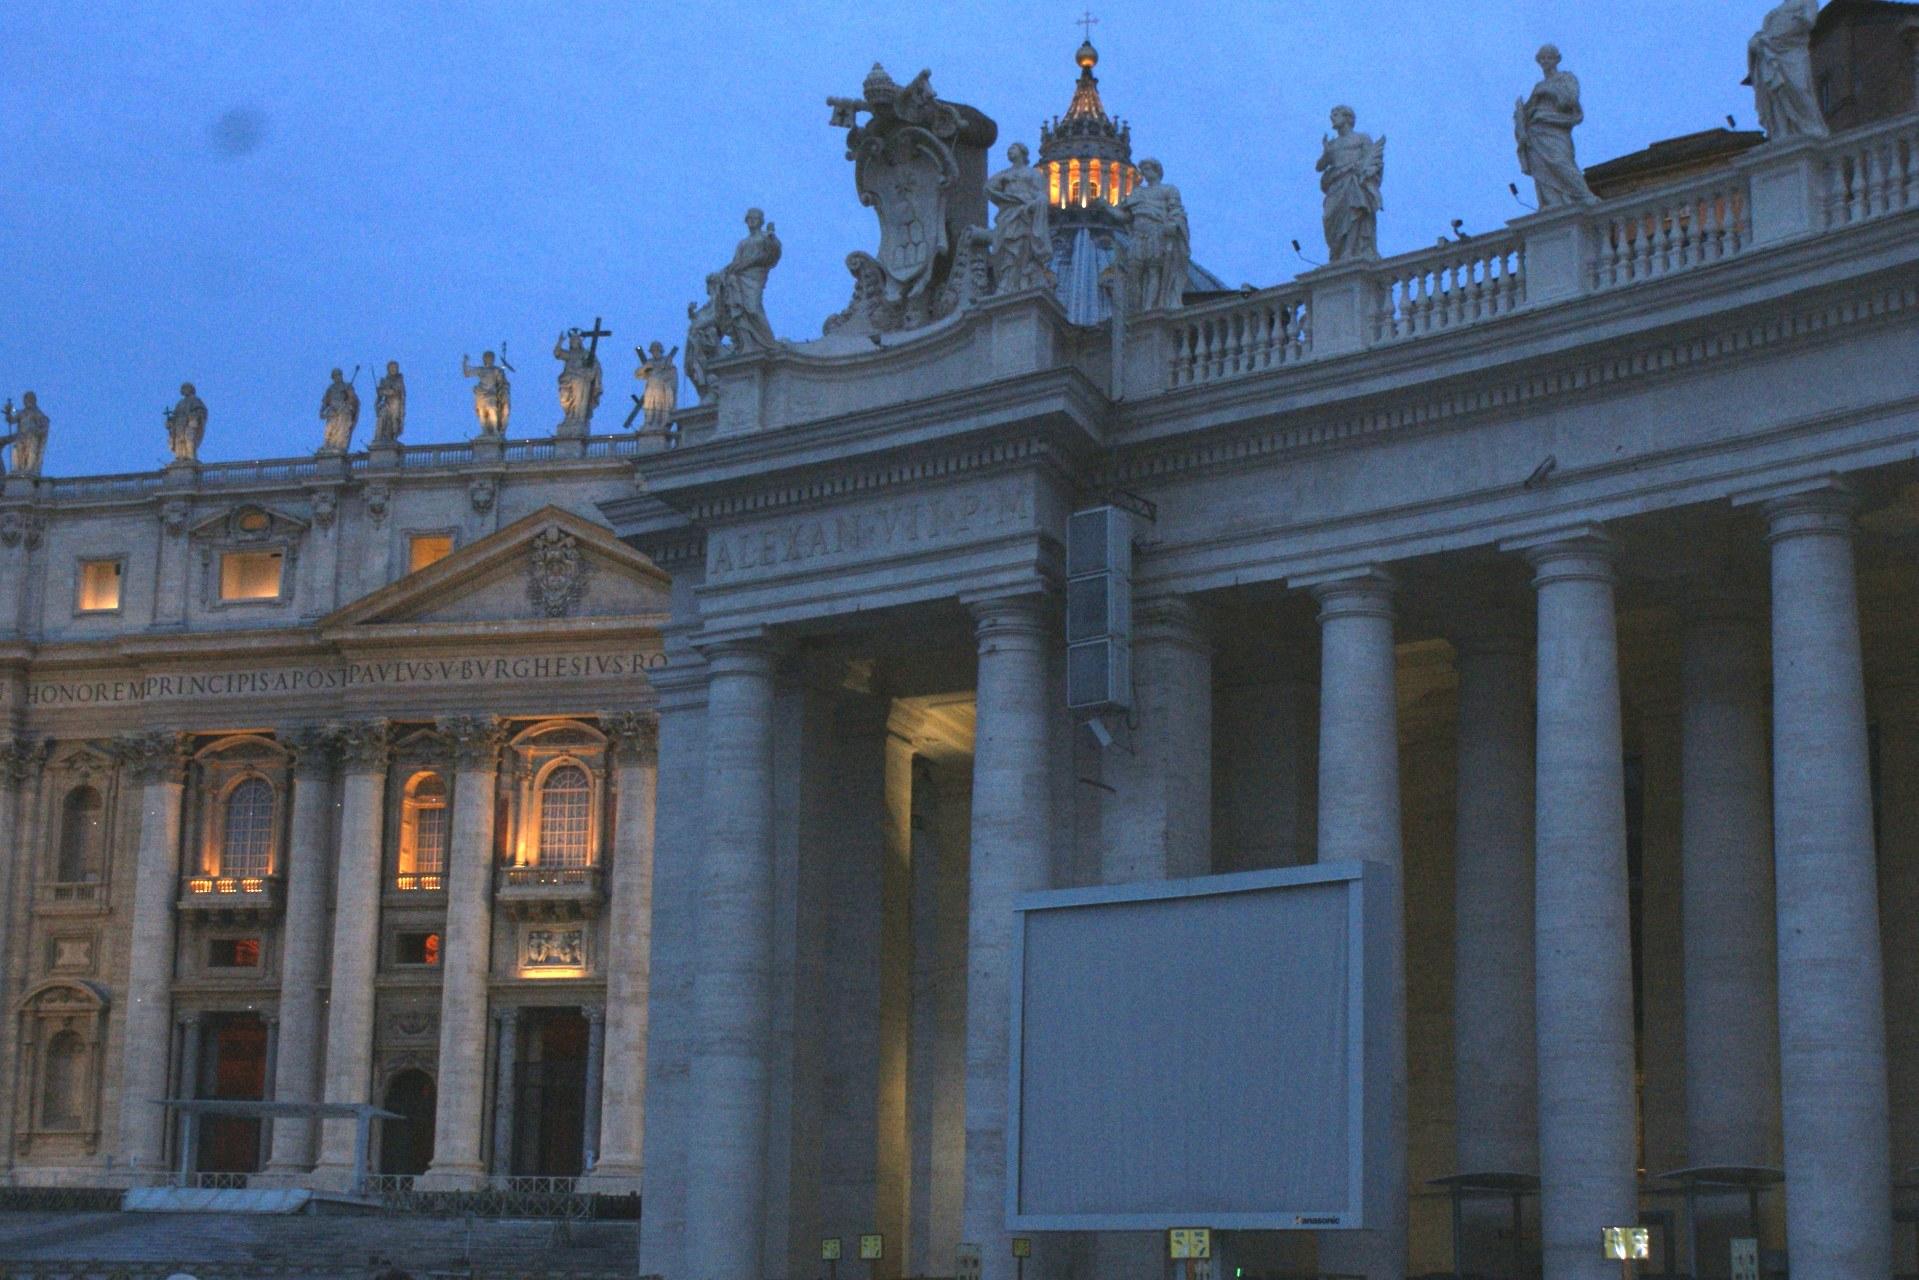 Images - Stald - Rome Printemps 2016 - 04:05 - 03